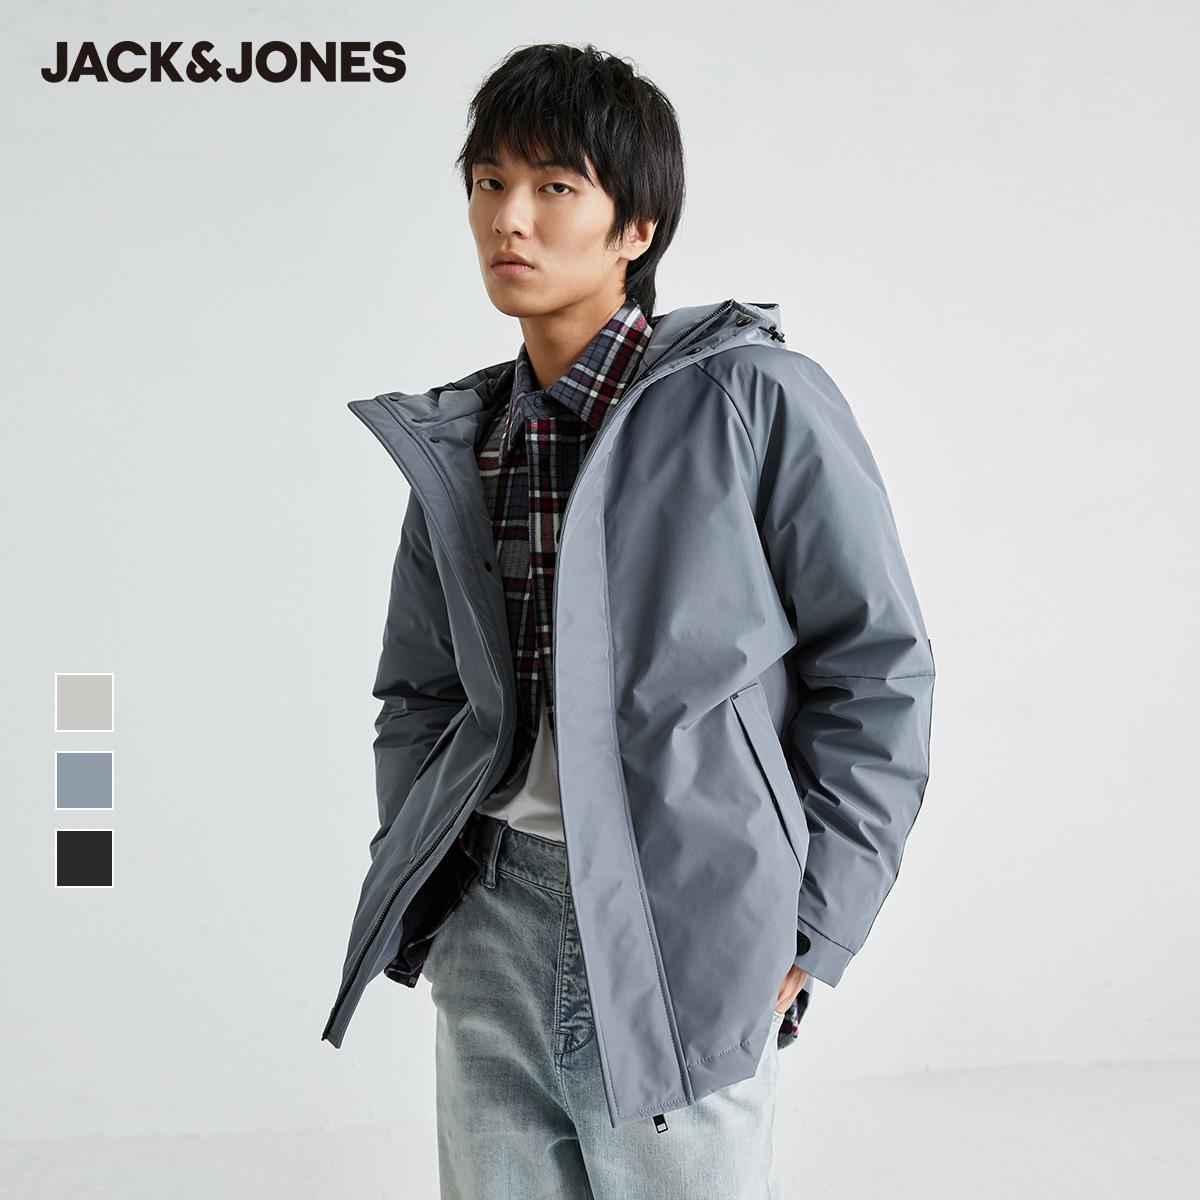 JackJones杰克琼斯秋防泼水商务休闲派克连帽男装羽绒服廓形韩版